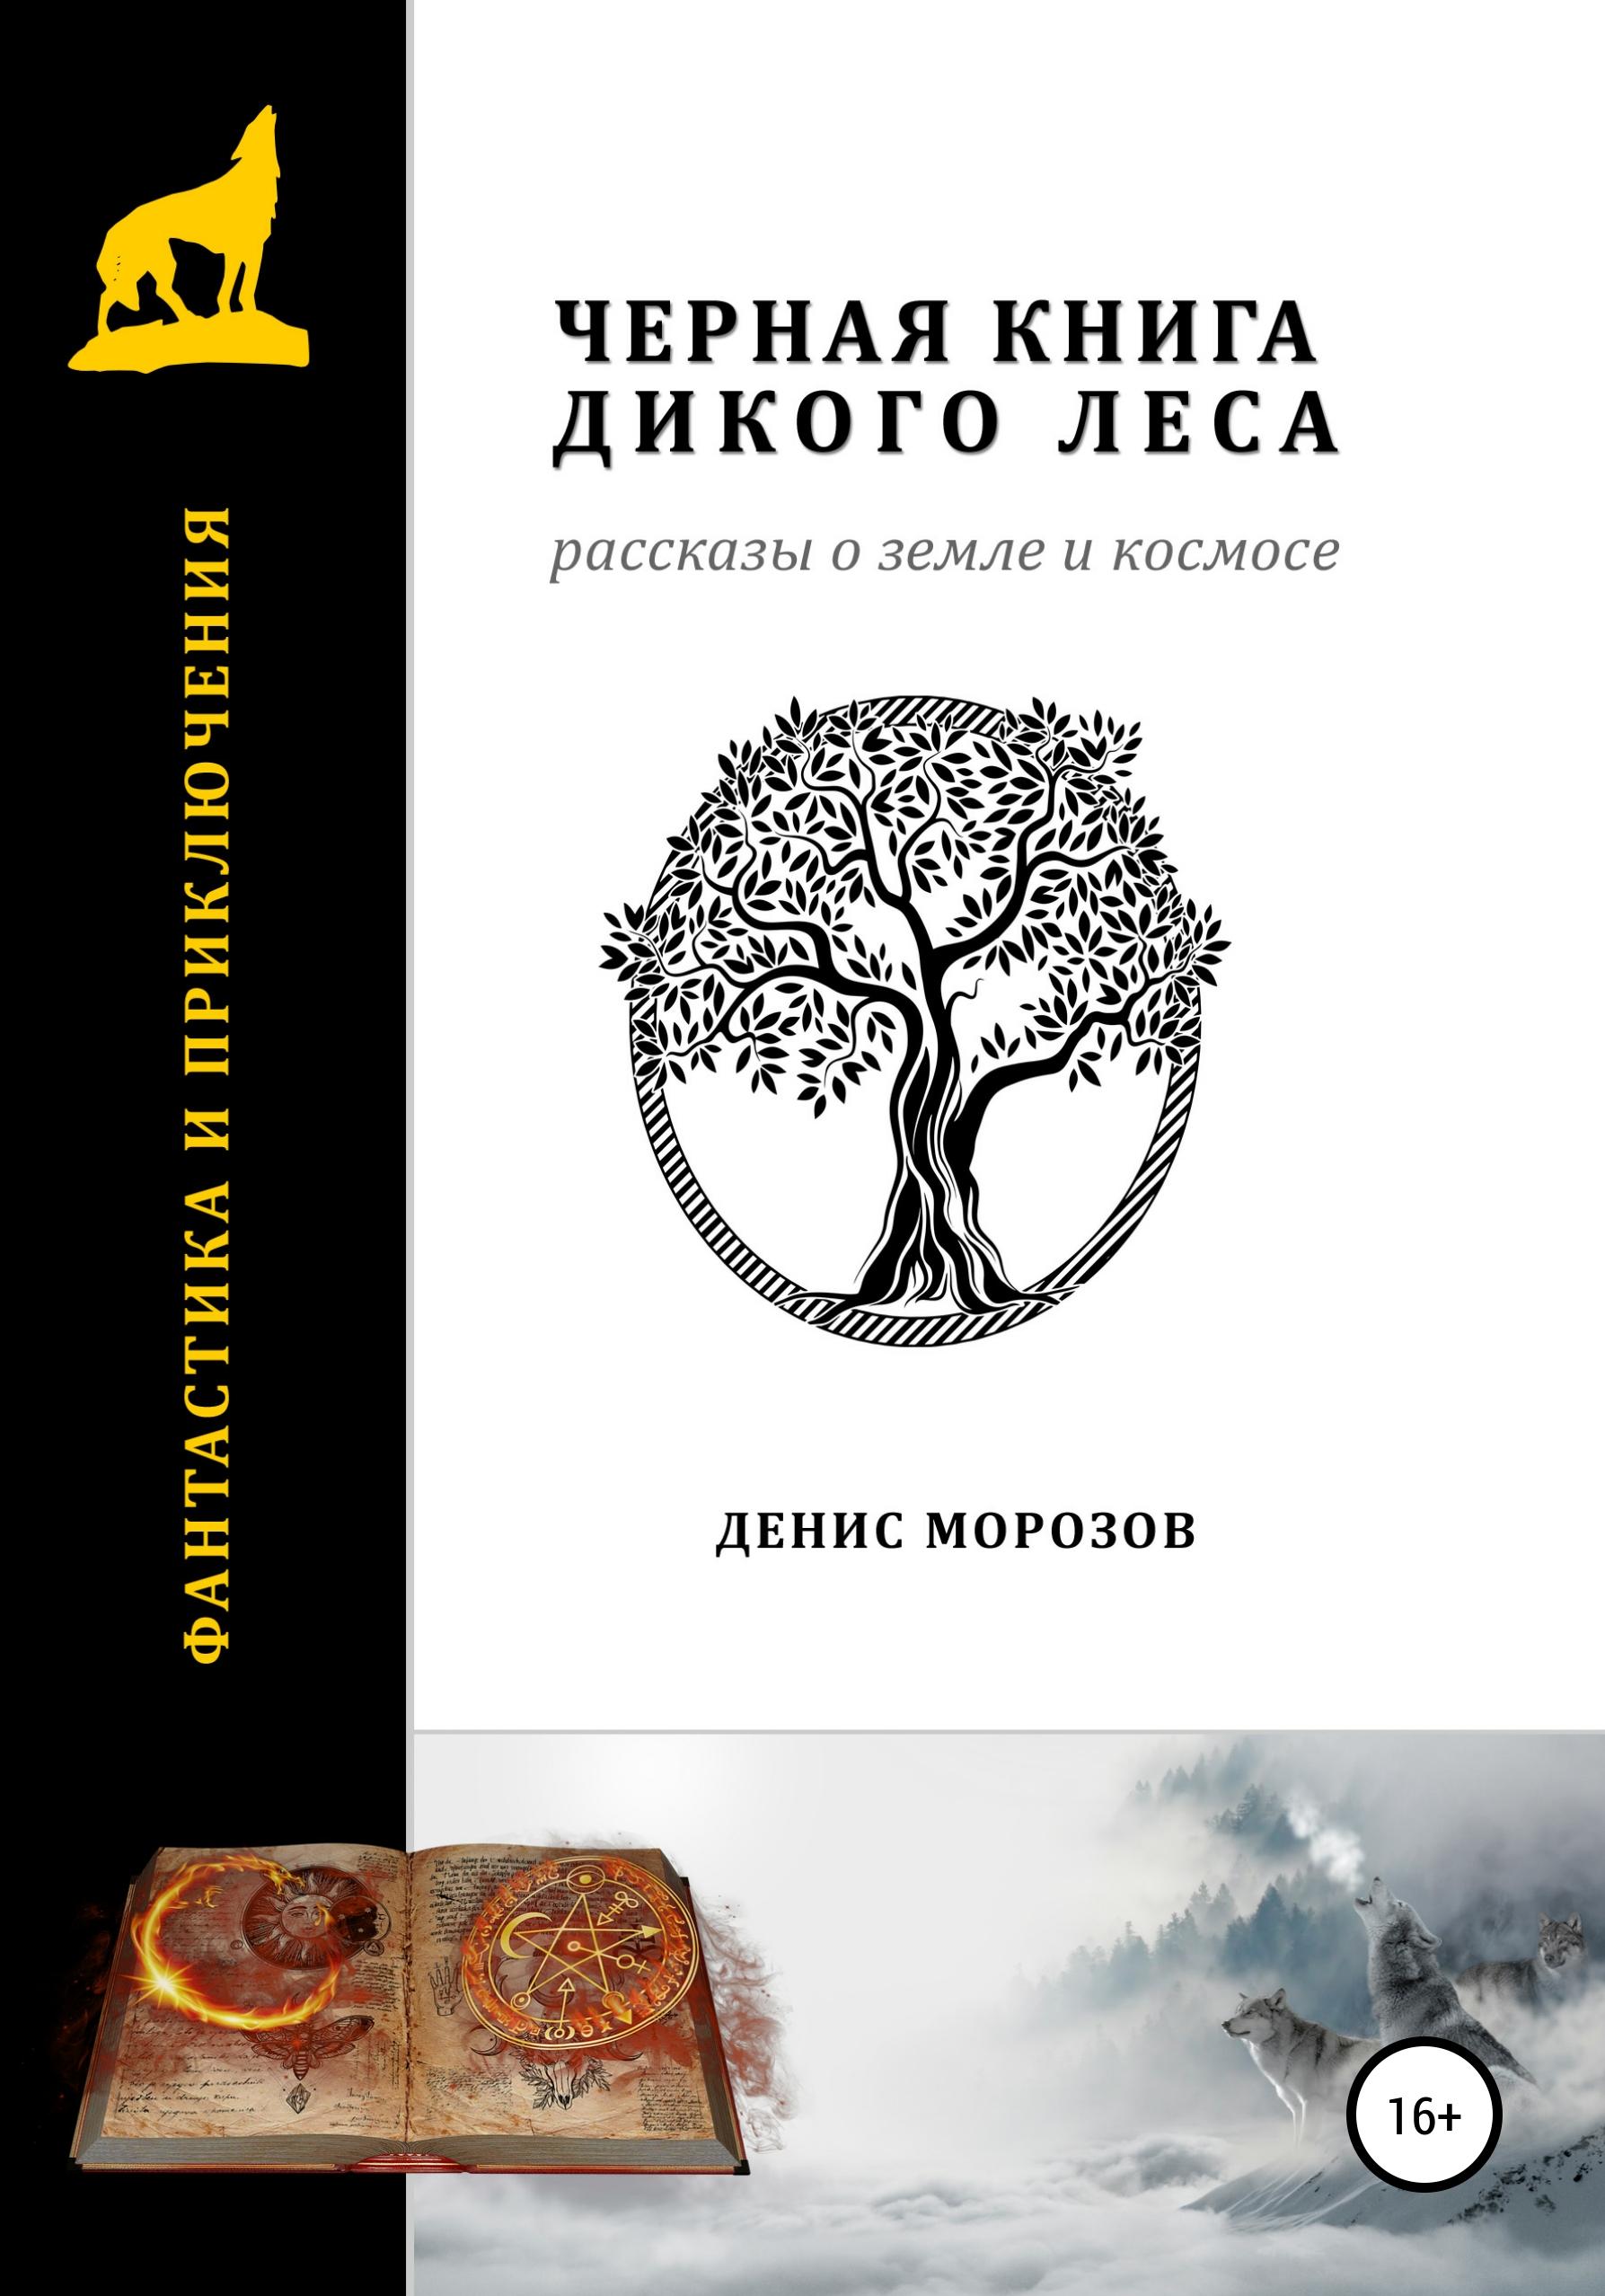 Черная книга Дикого леса. Рассказы о Земле и космосе.